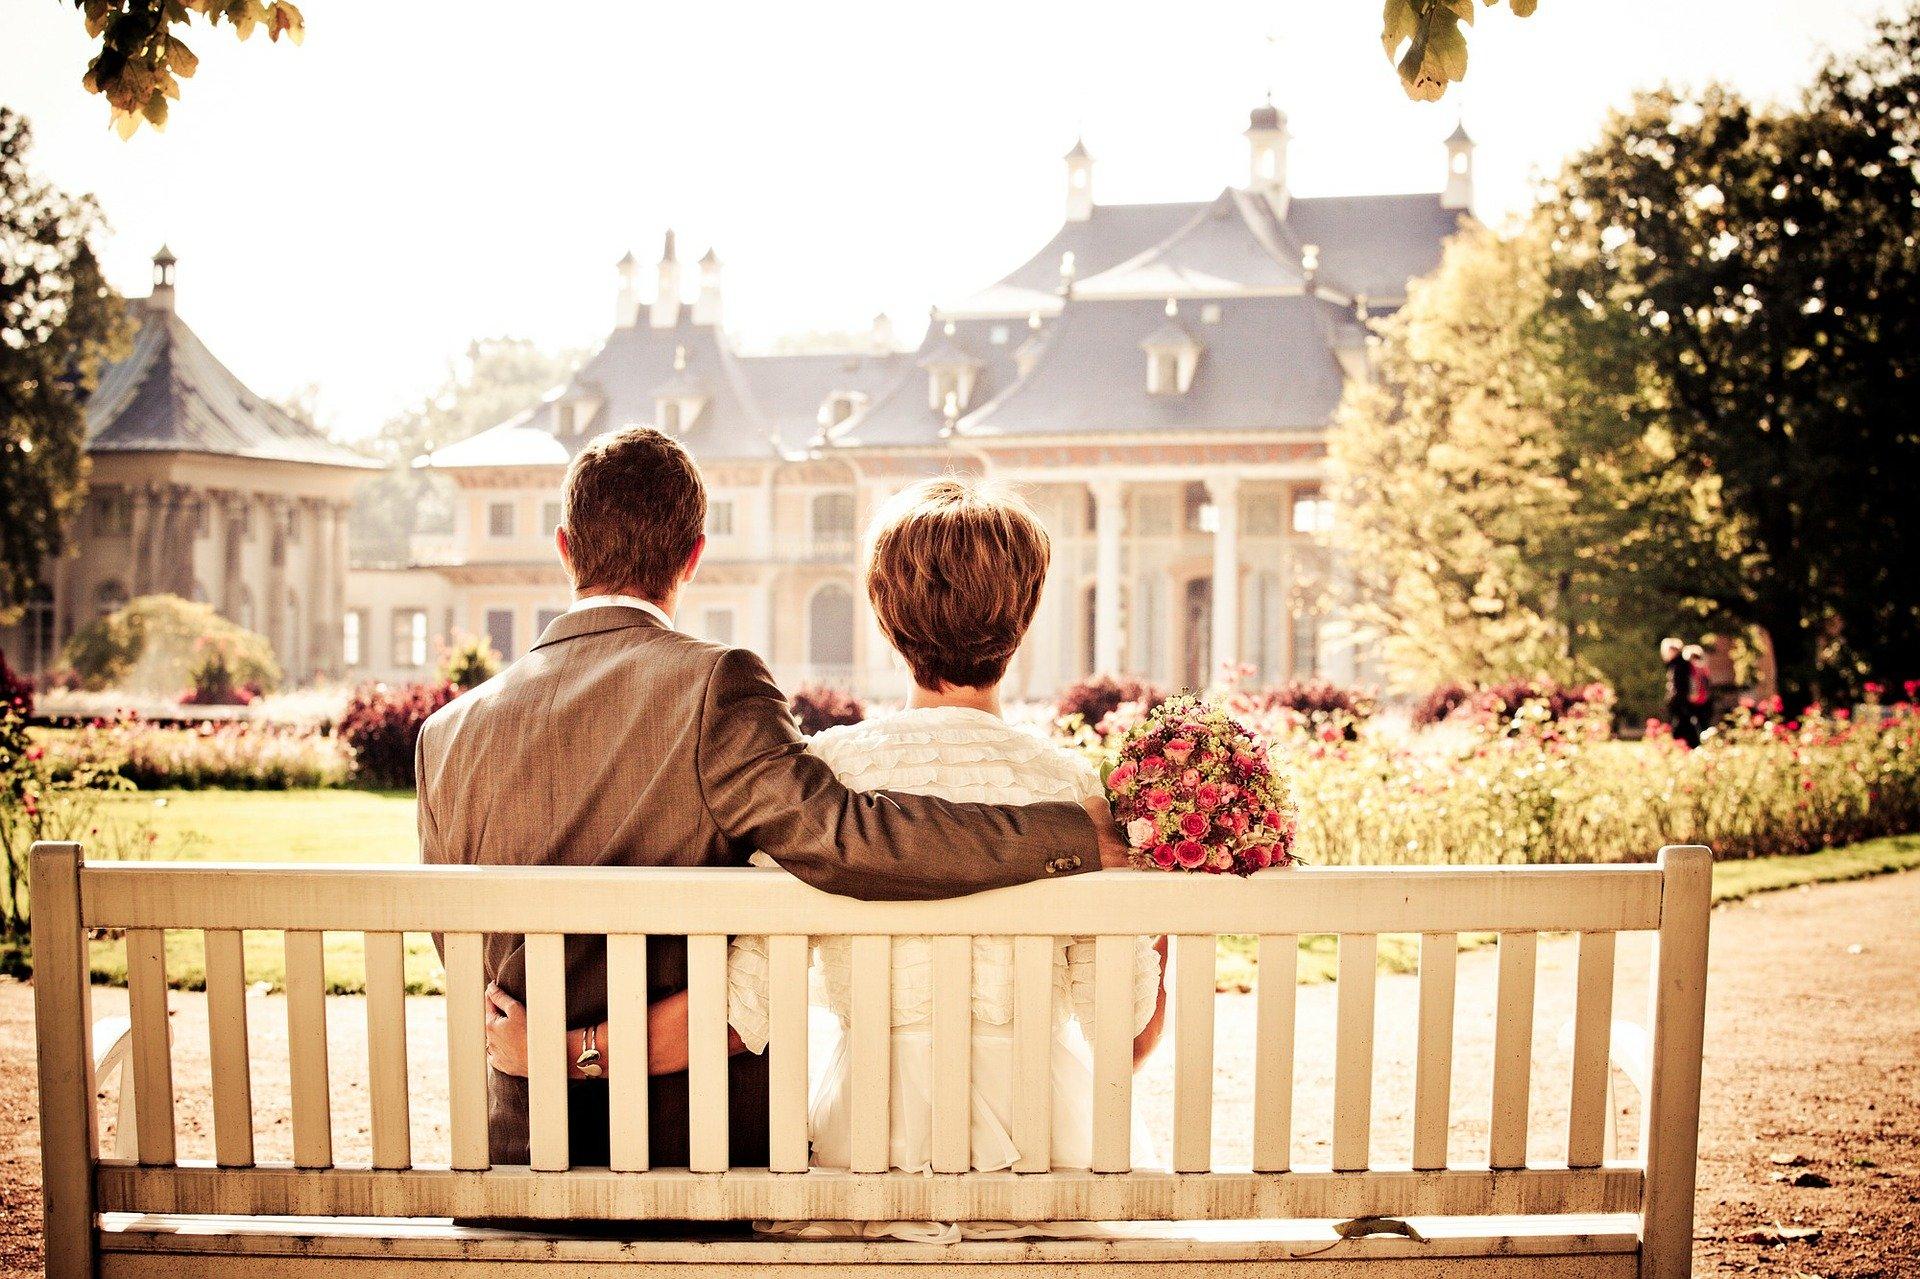 couple-260899_1920